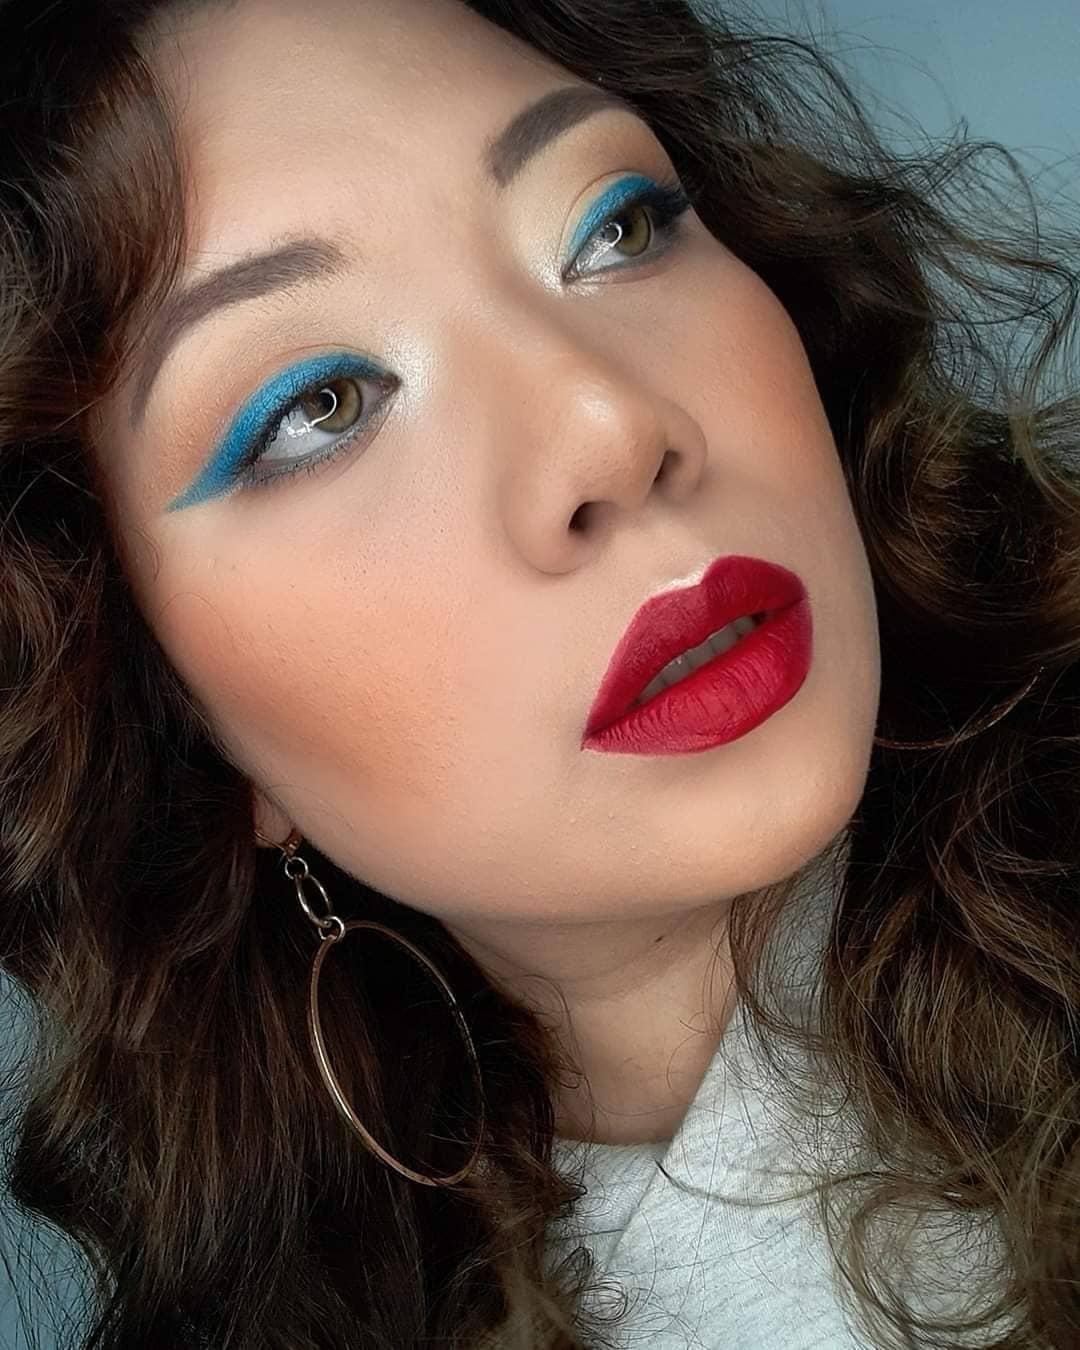 12. Blue eyeliner brings makeup to life